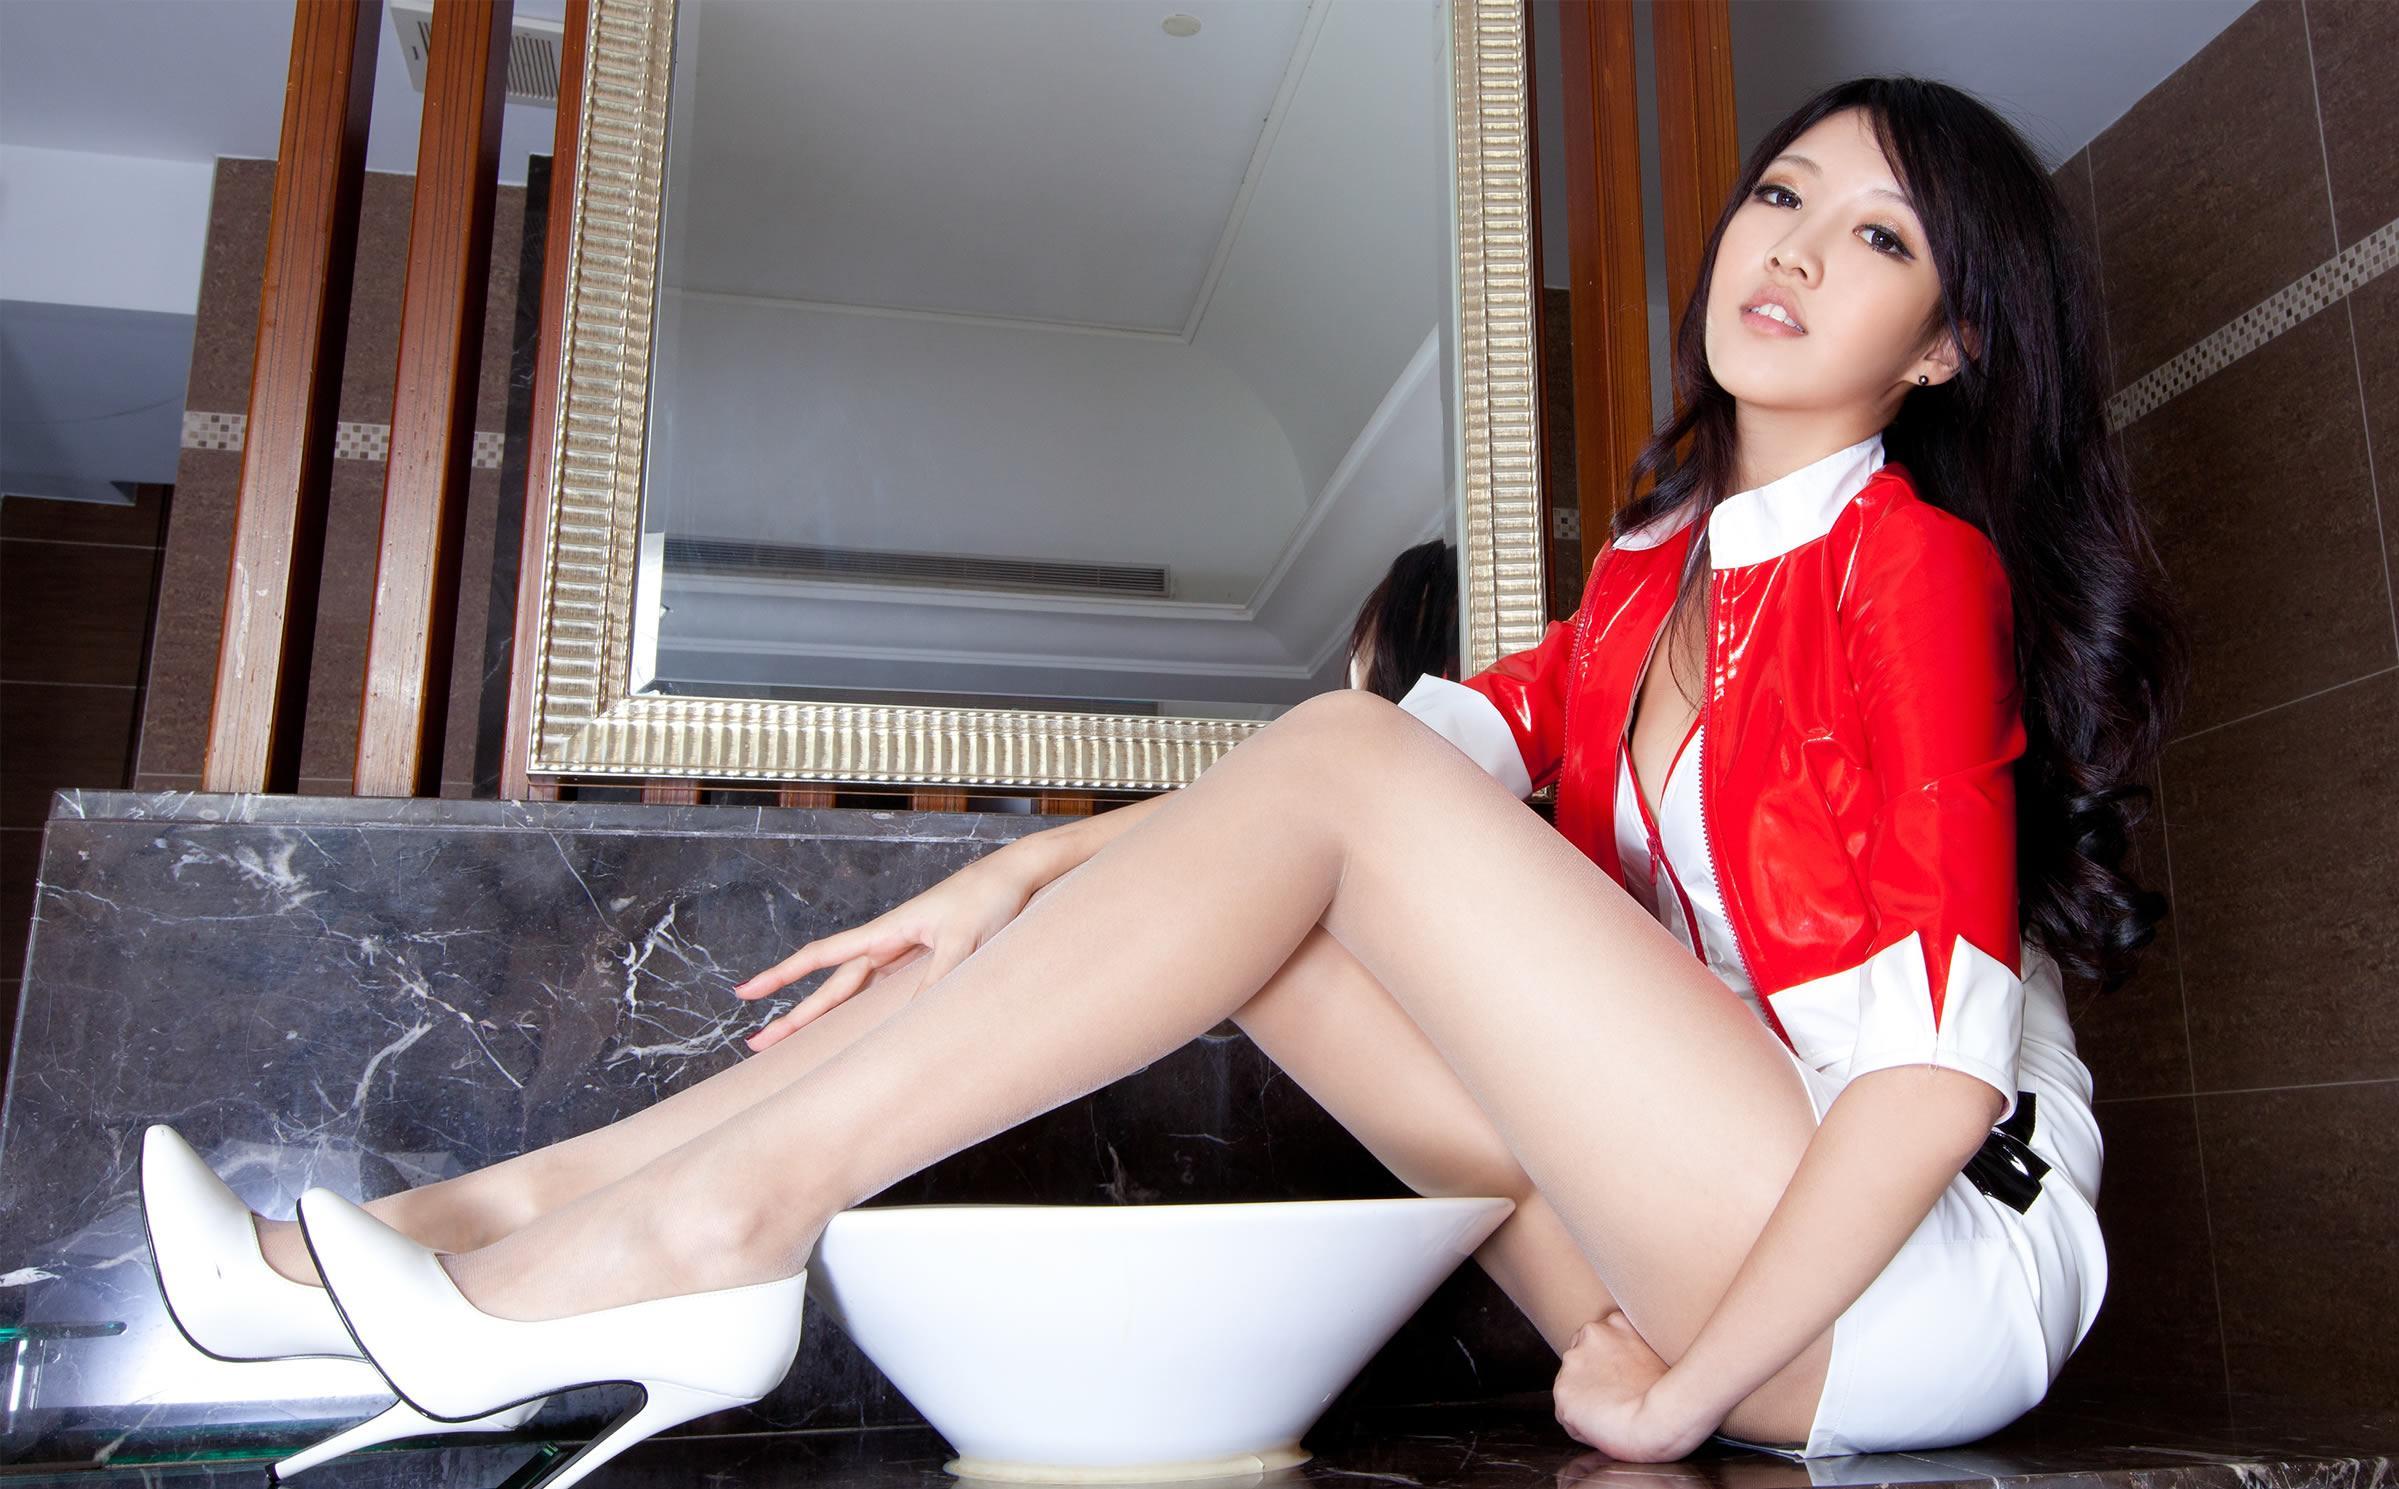 长腿制服美女的诱惑 - 花開有聲 - 花開有聲